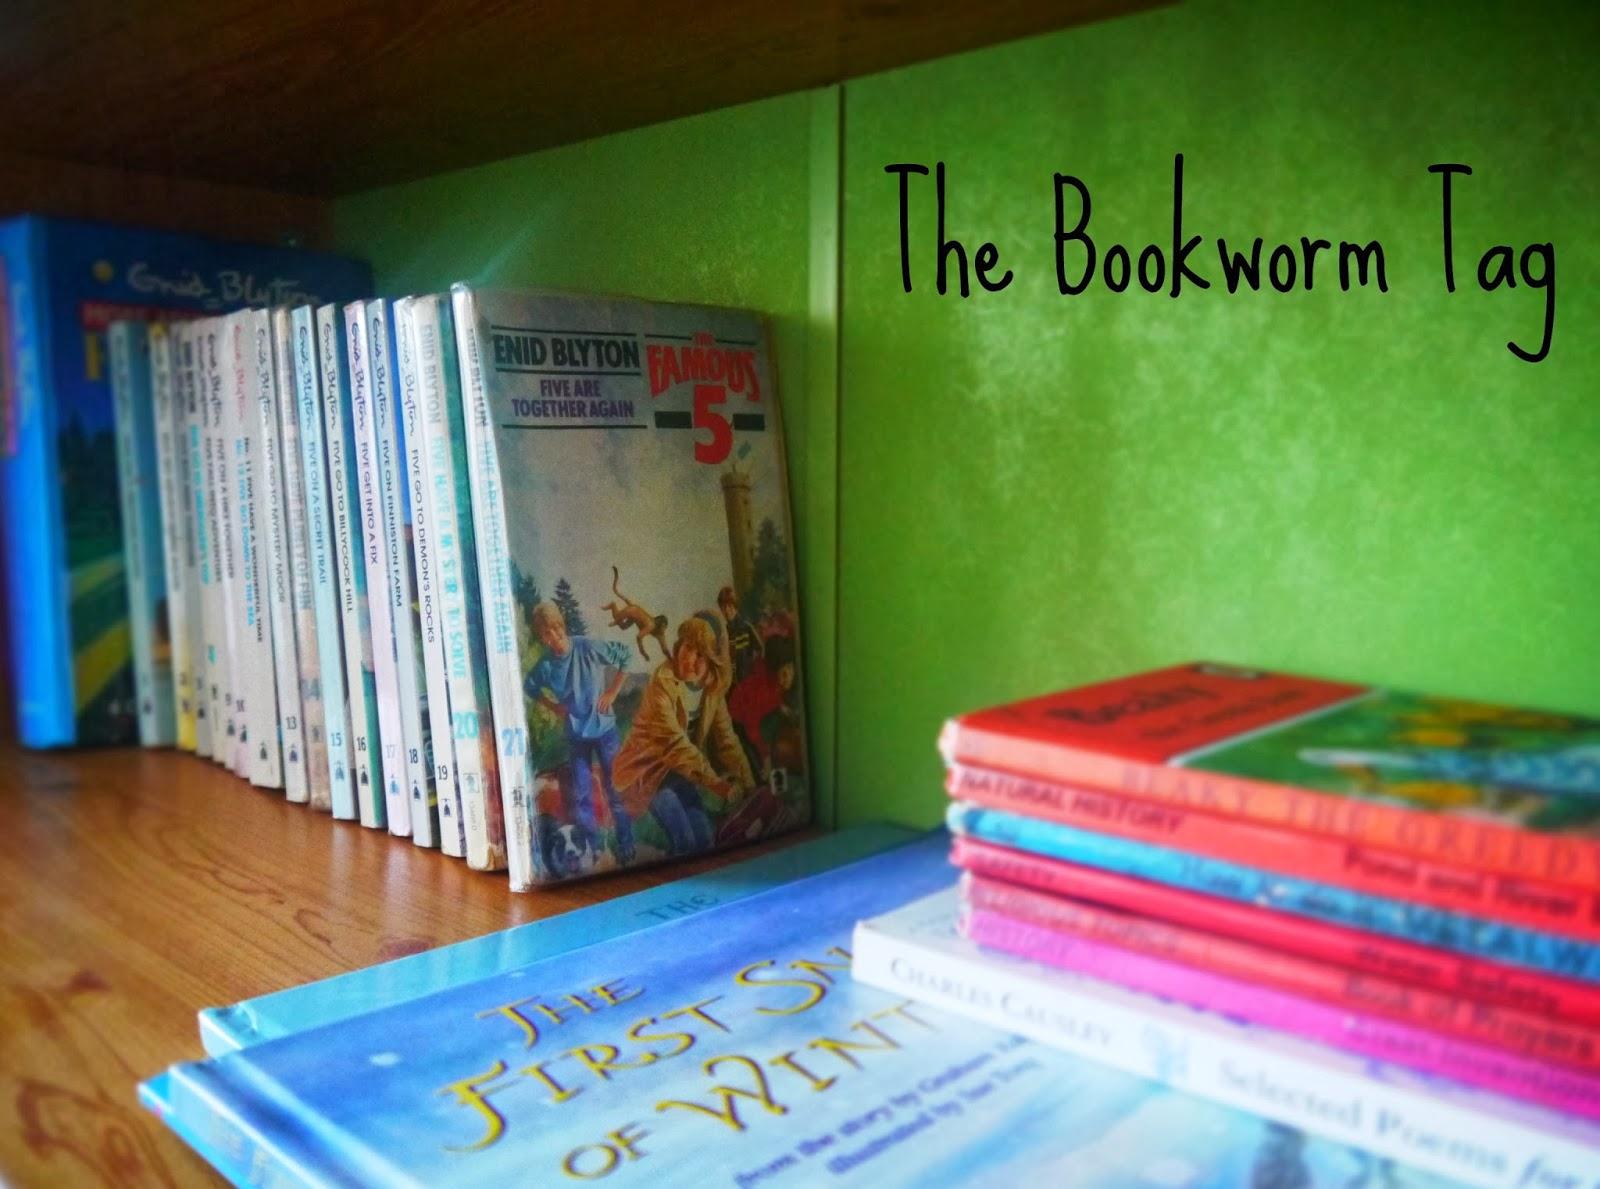 Children's books - Bookworm Tag